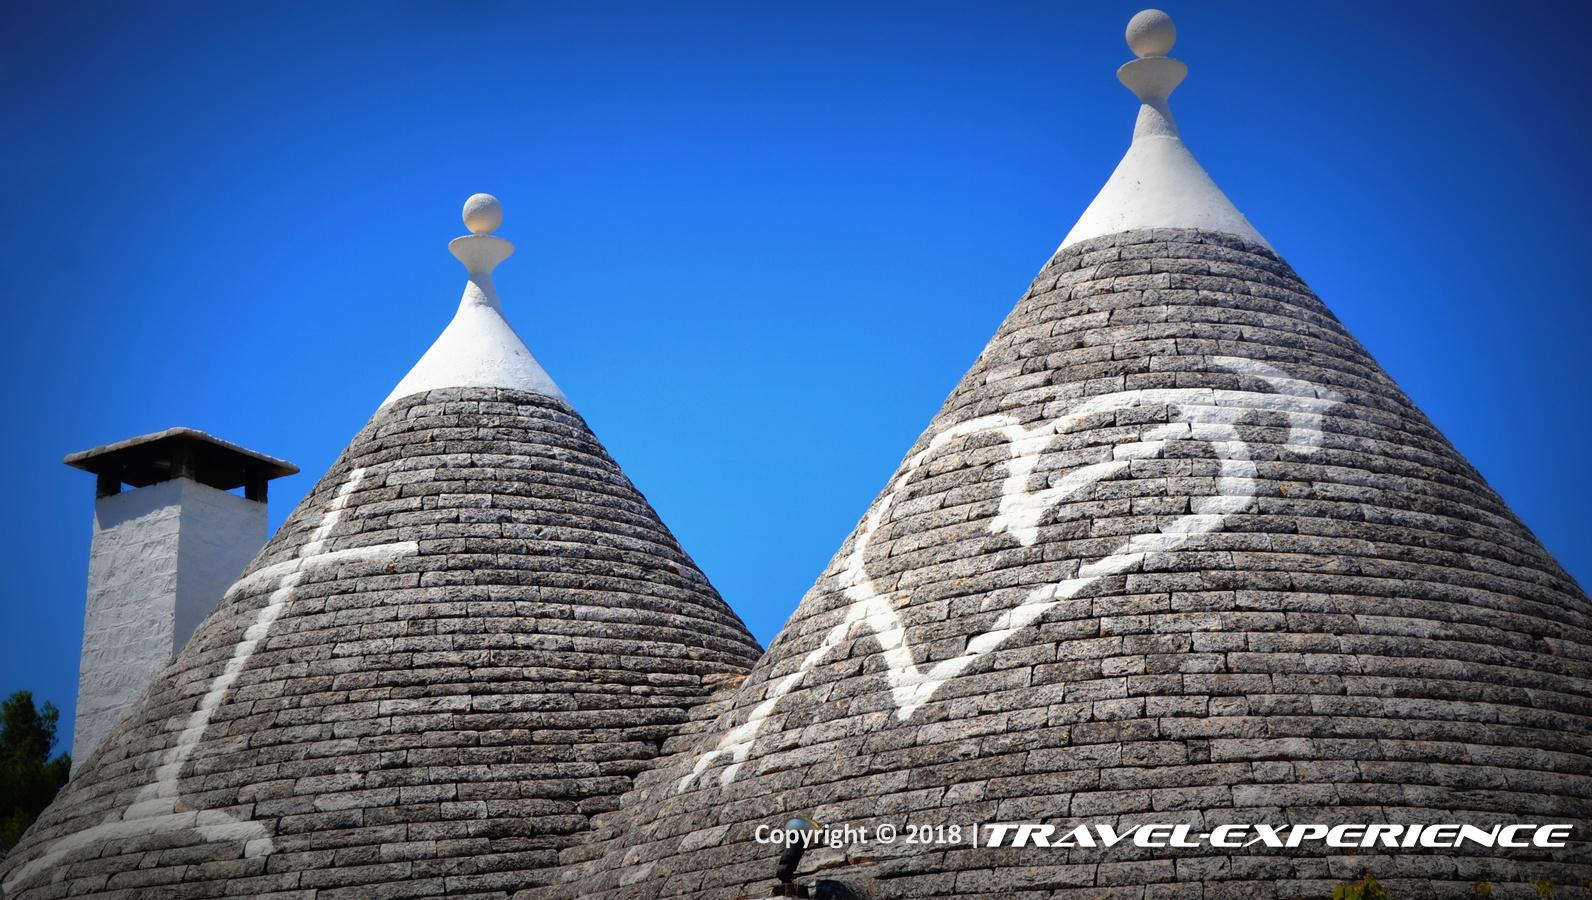 foto dettaglio tetti dei trulli di Alberobello